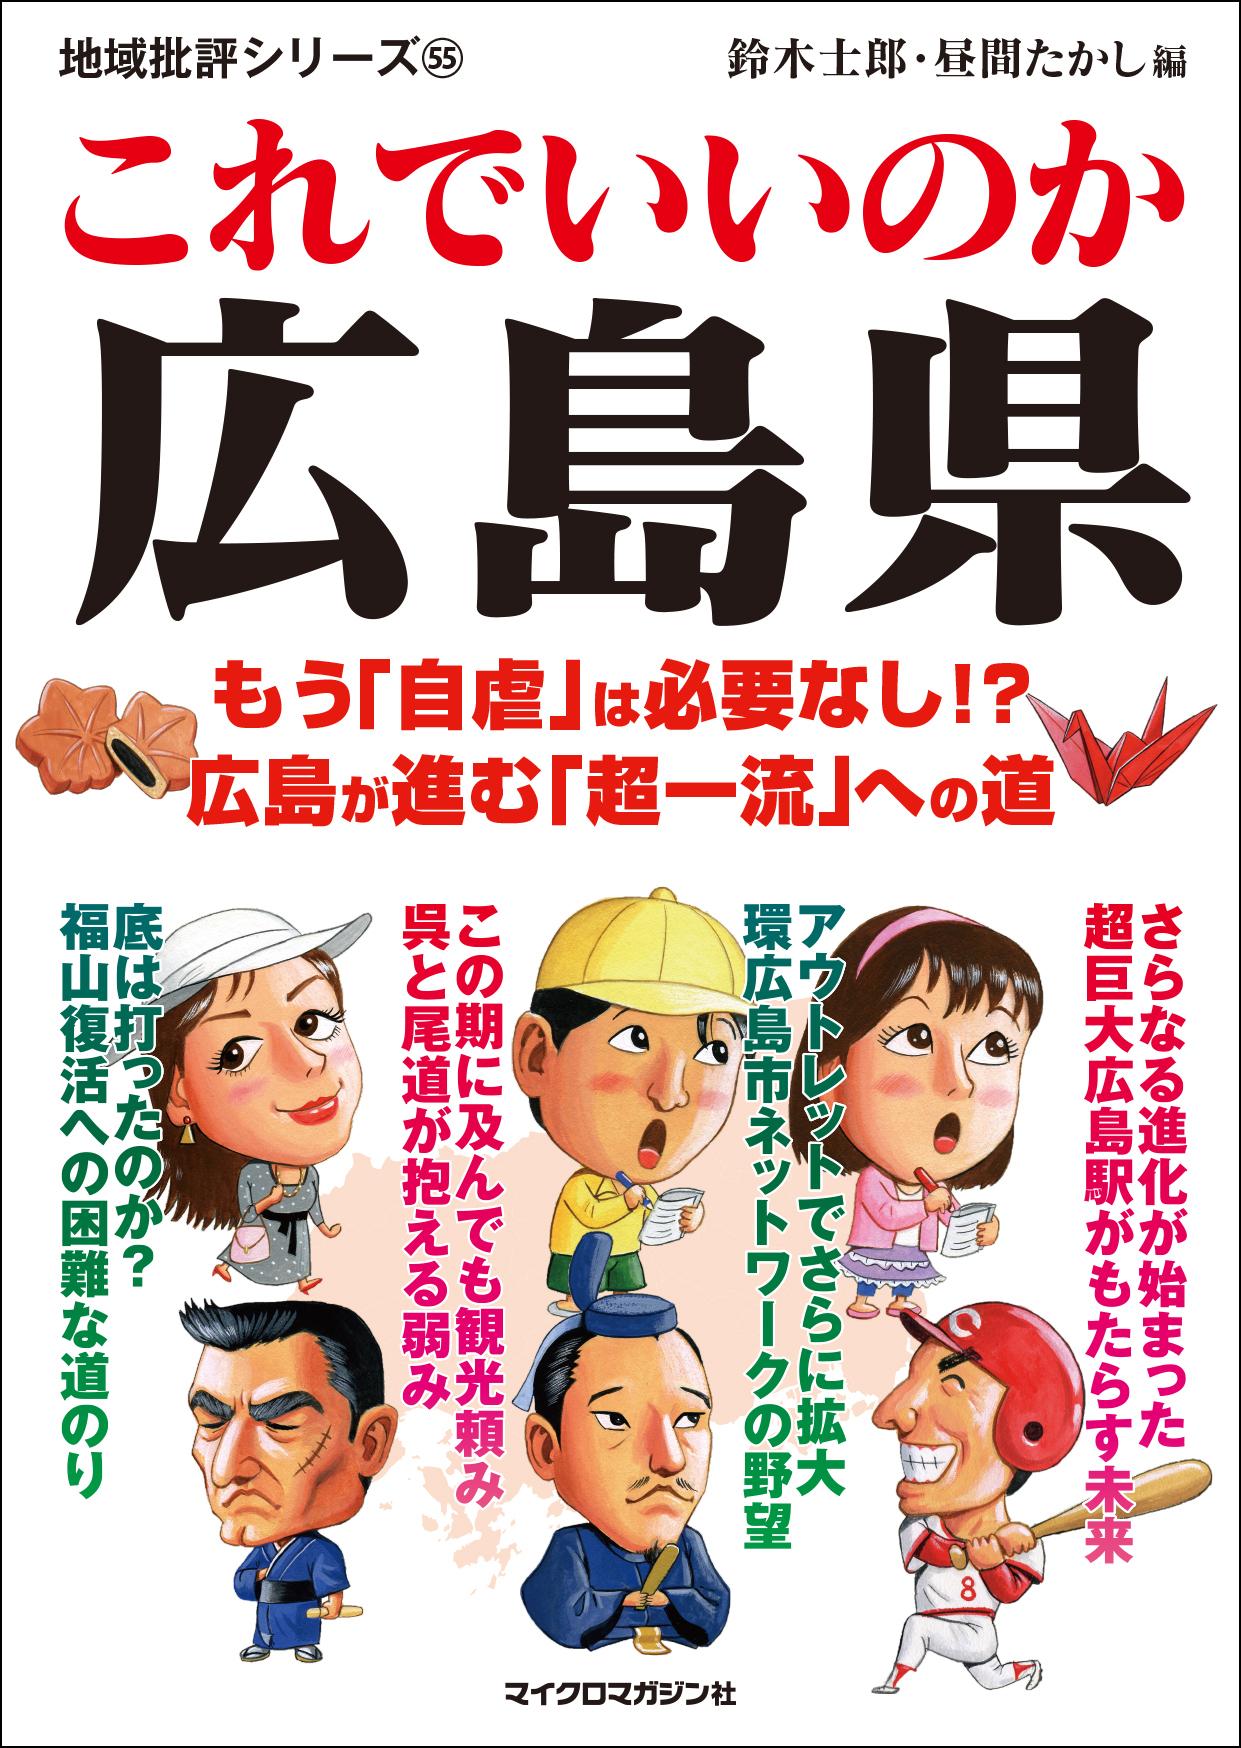 画像は、『地域批評シリーズ55これでいいのか広島県』(マイクロマガジン社)